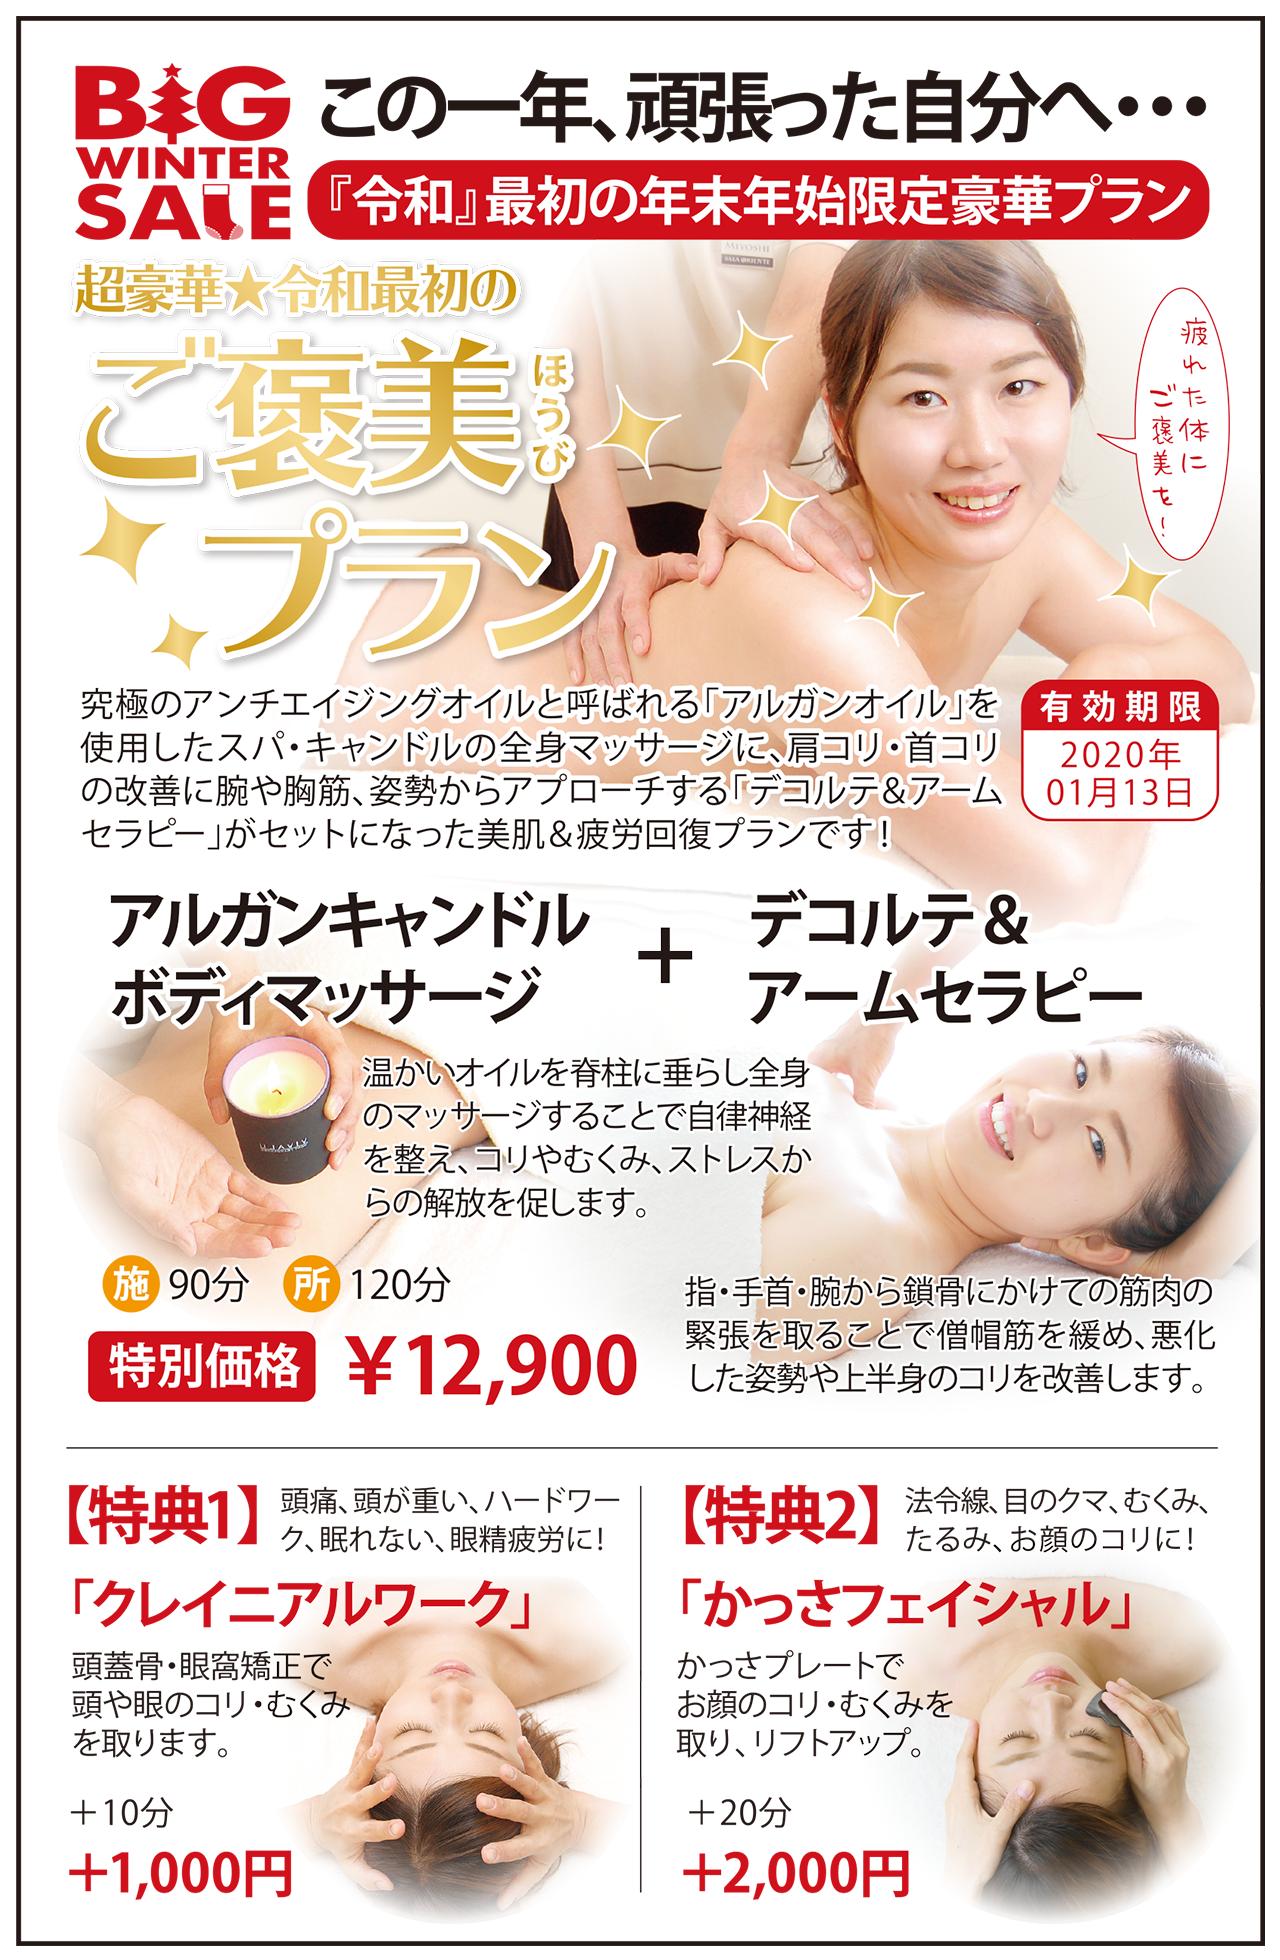 coupon-2019-11-01